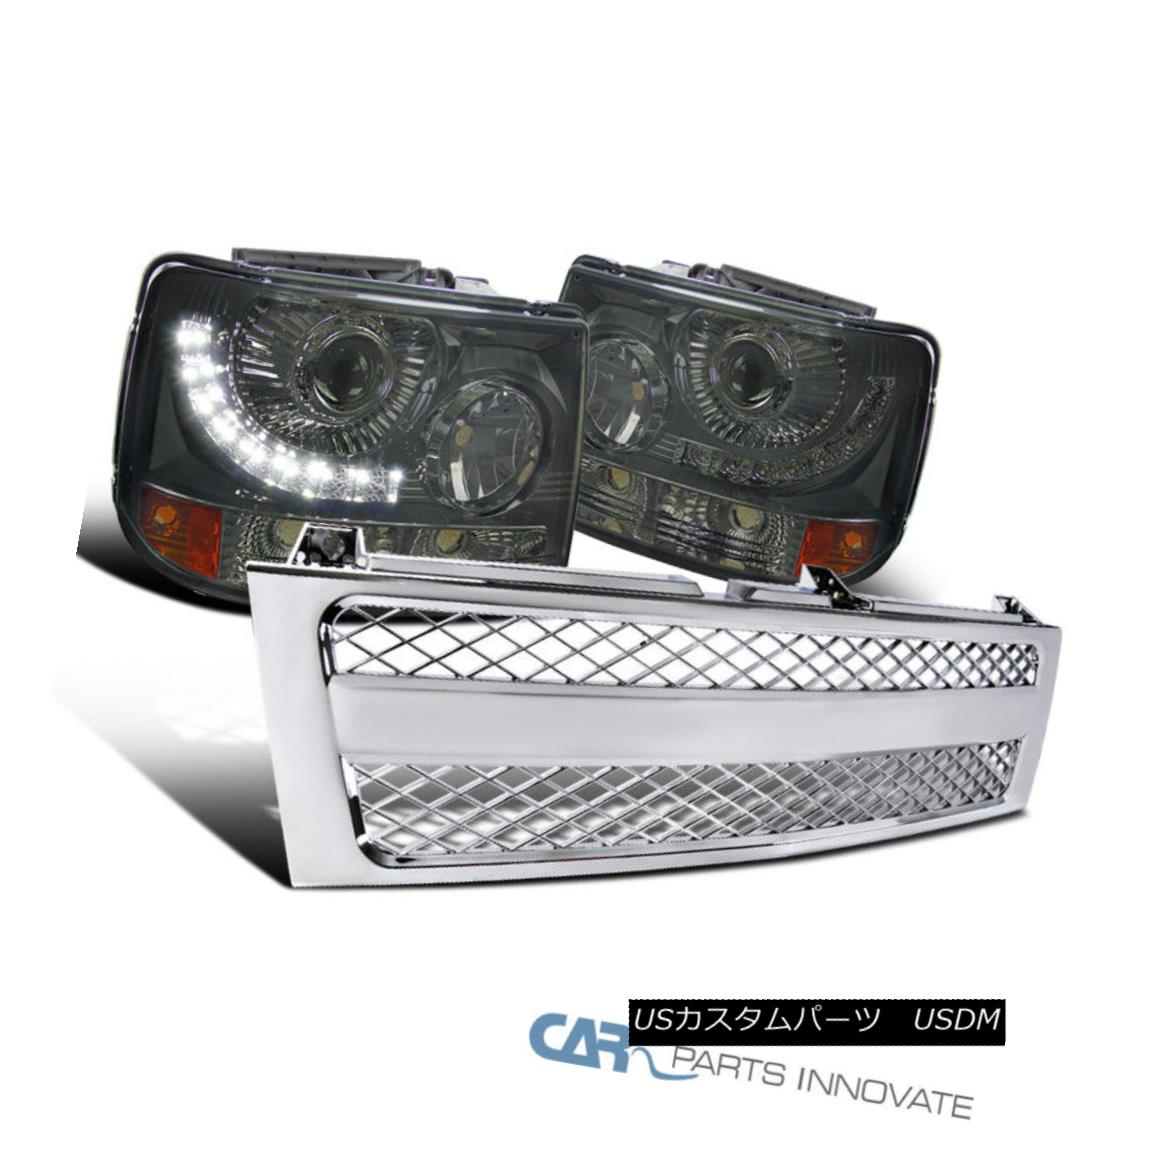 グリル Chevy 99-02 Silverado 2in1 Smoke LED DRL Projector Headlights+Chrome Mesh Grille Chevy 99-02 Silverado 2in1スモークLED DRLプロジェクターヘッドライト+ Chr ome Mesh Grille